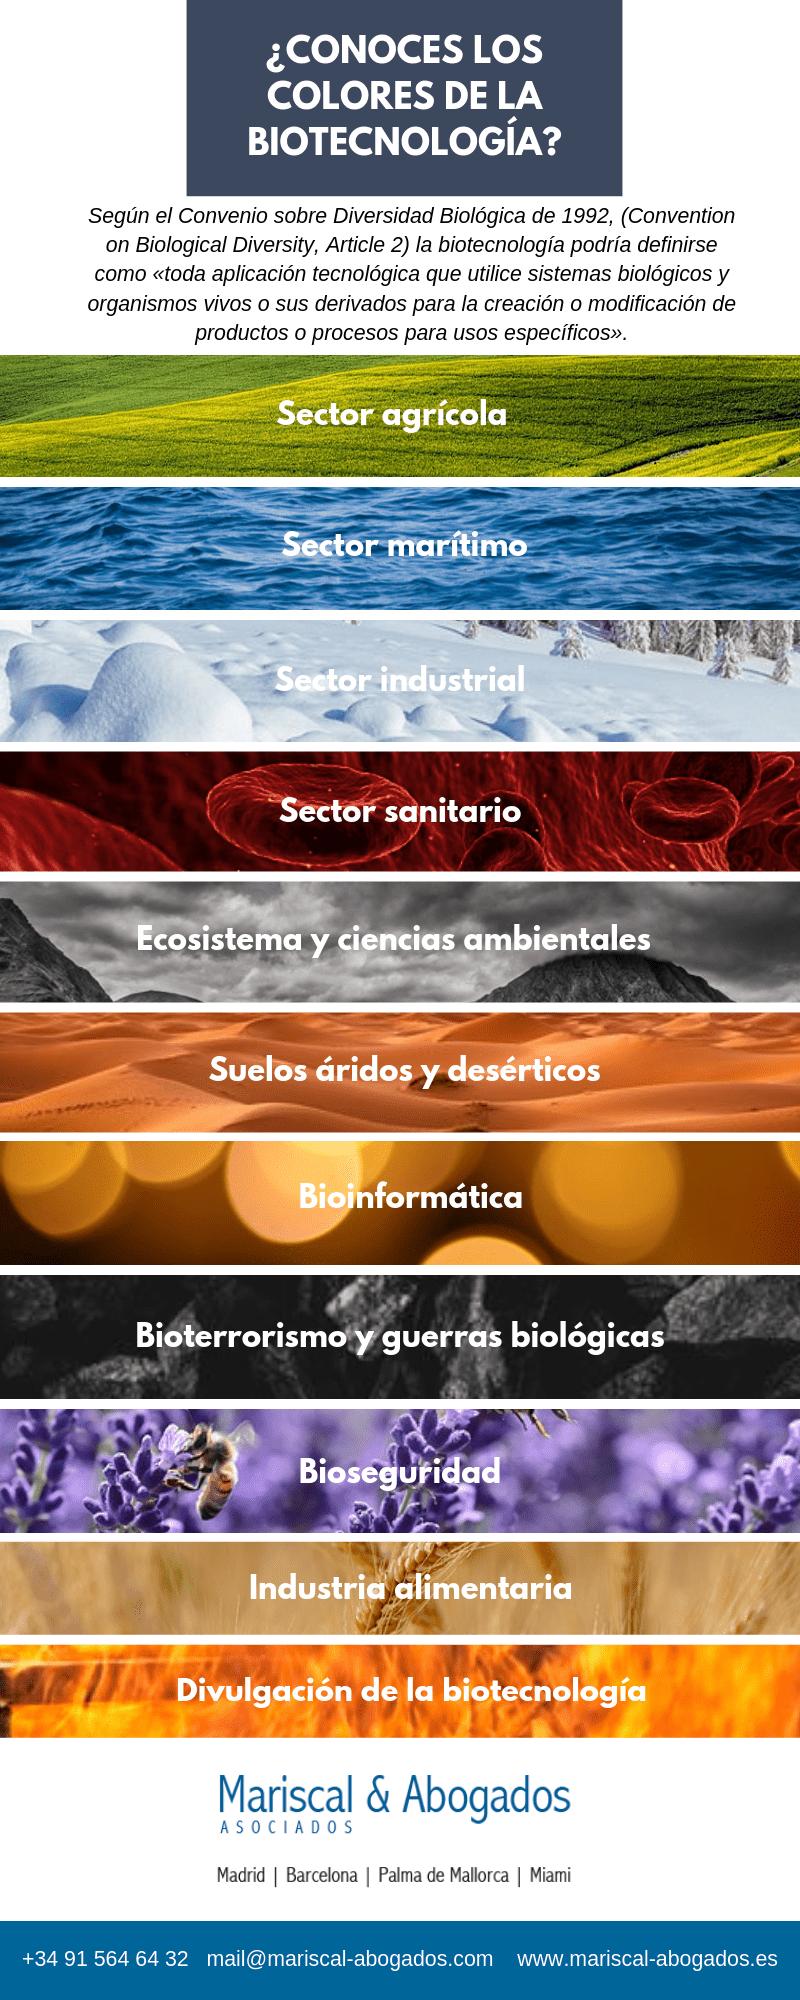 58 2016 ¿Conoces los colores de la biotecnología_